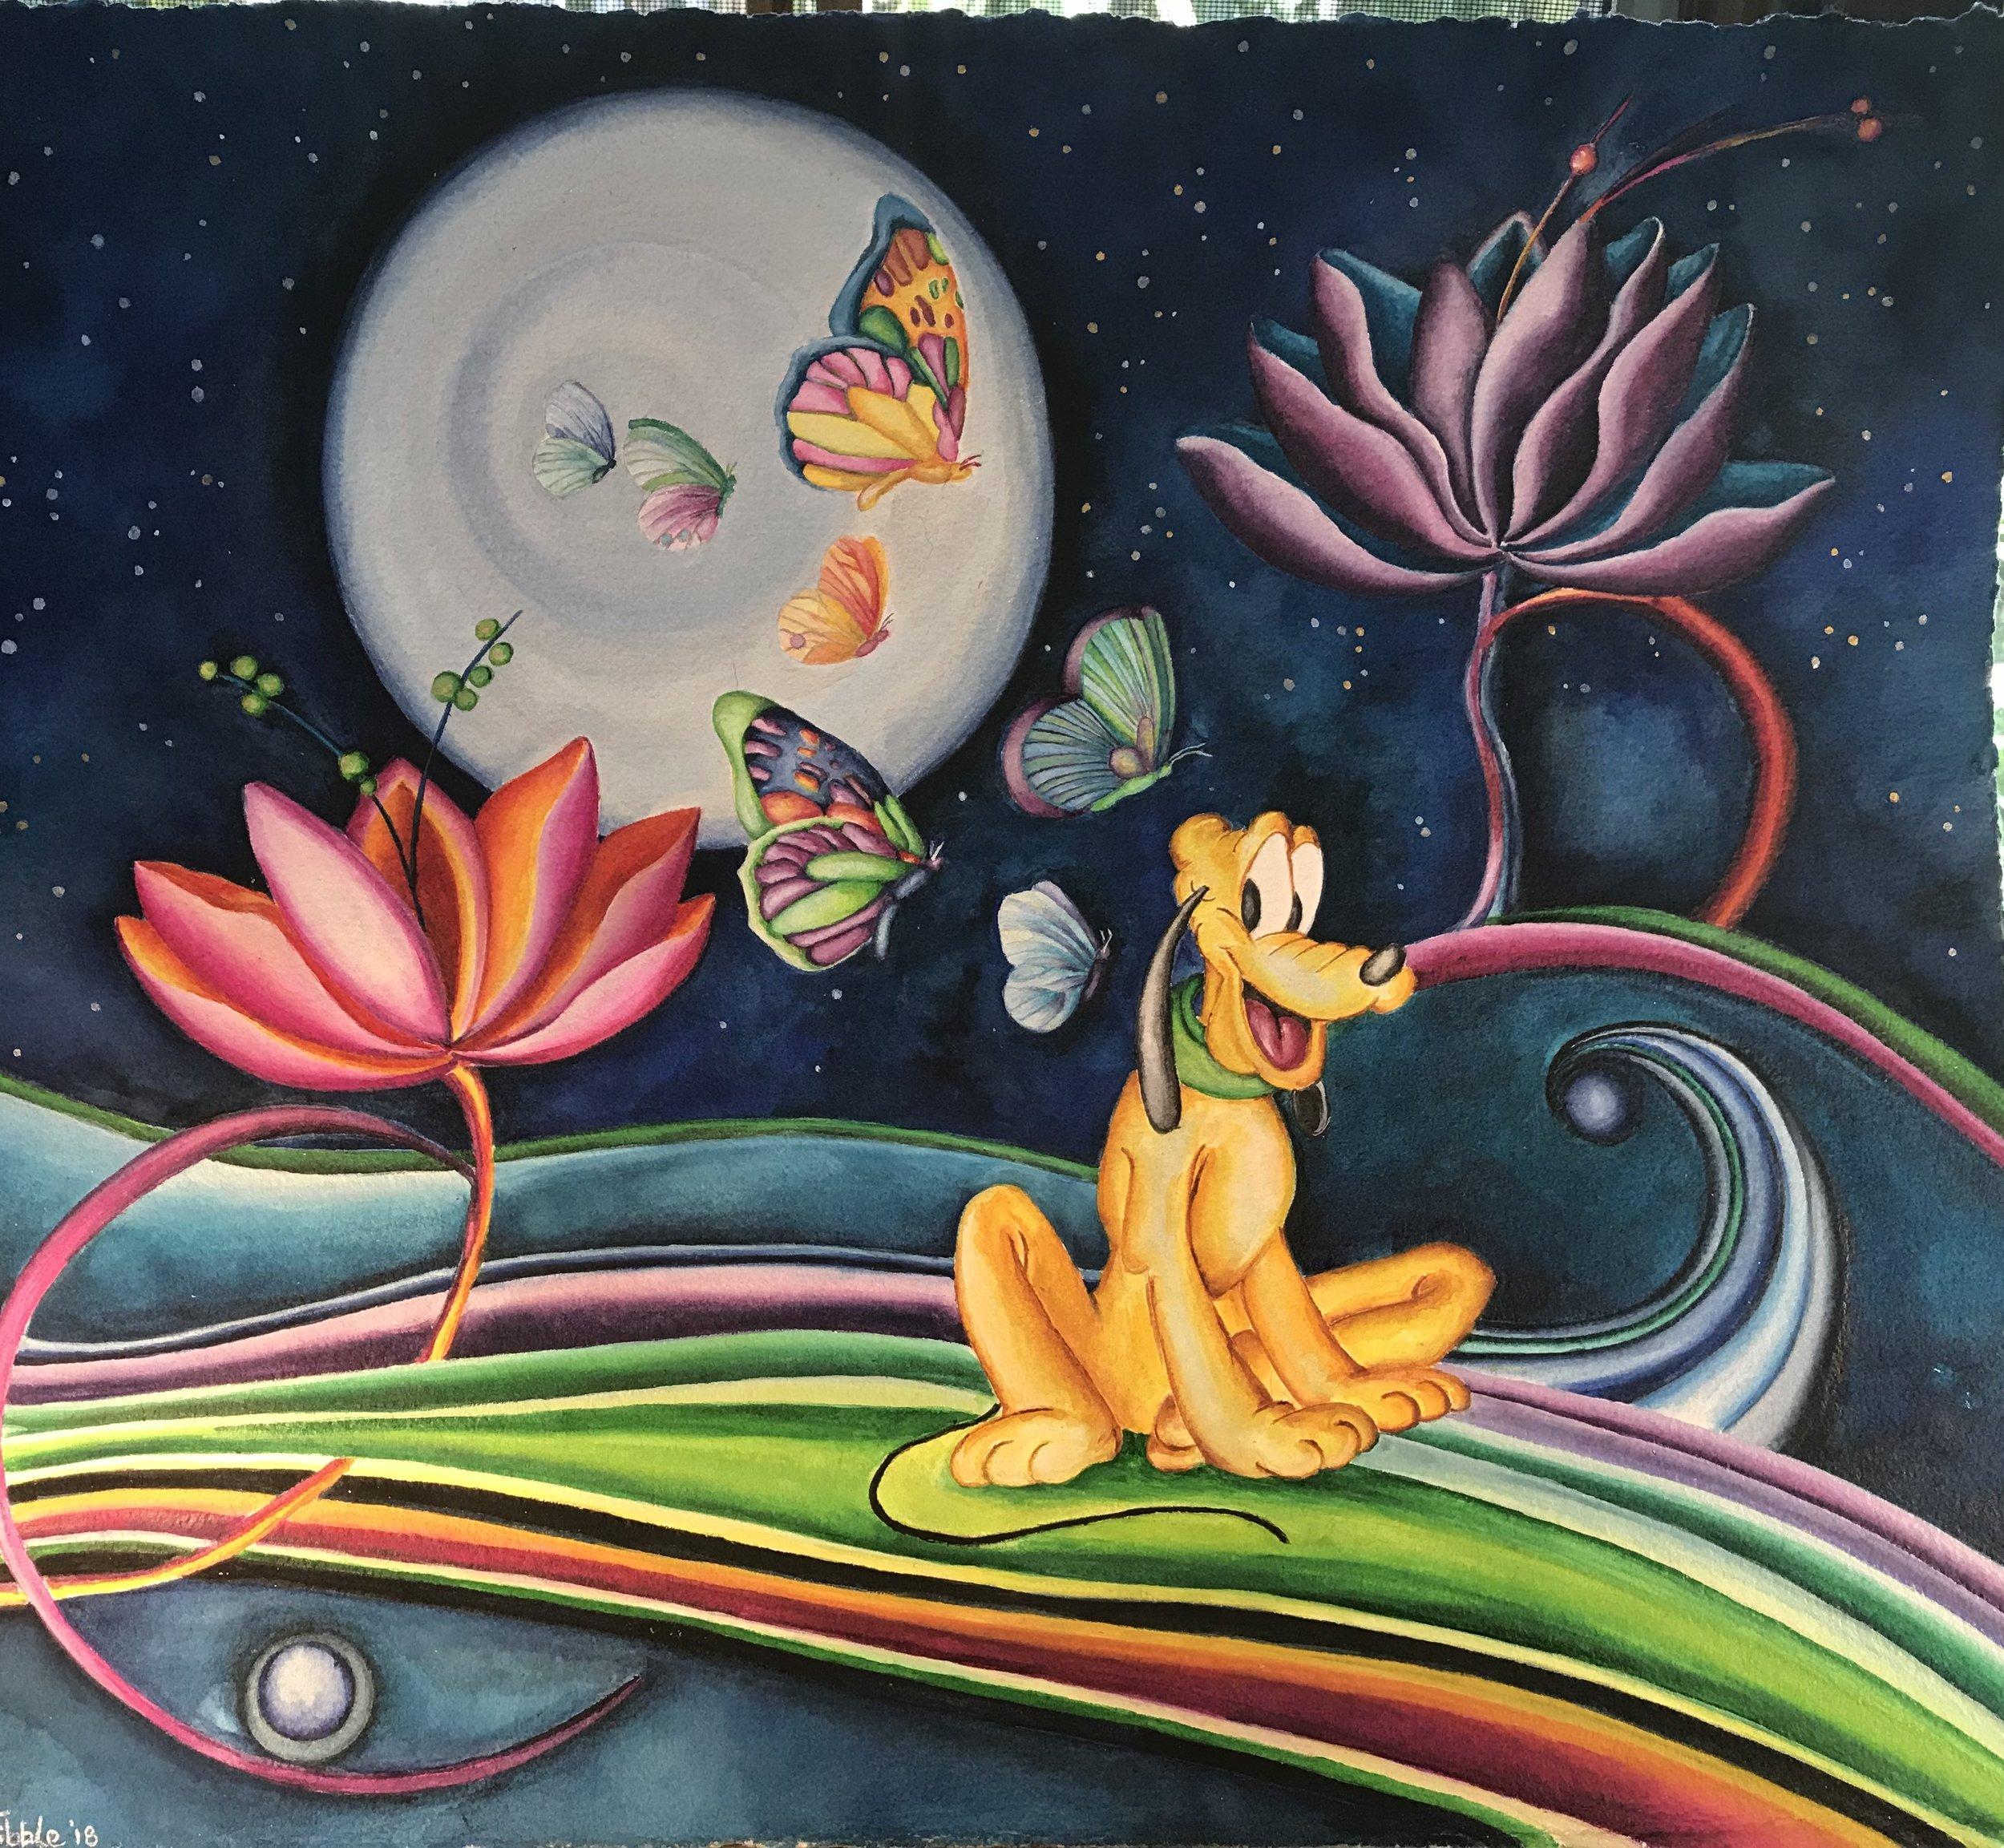 Pluto's Wonder